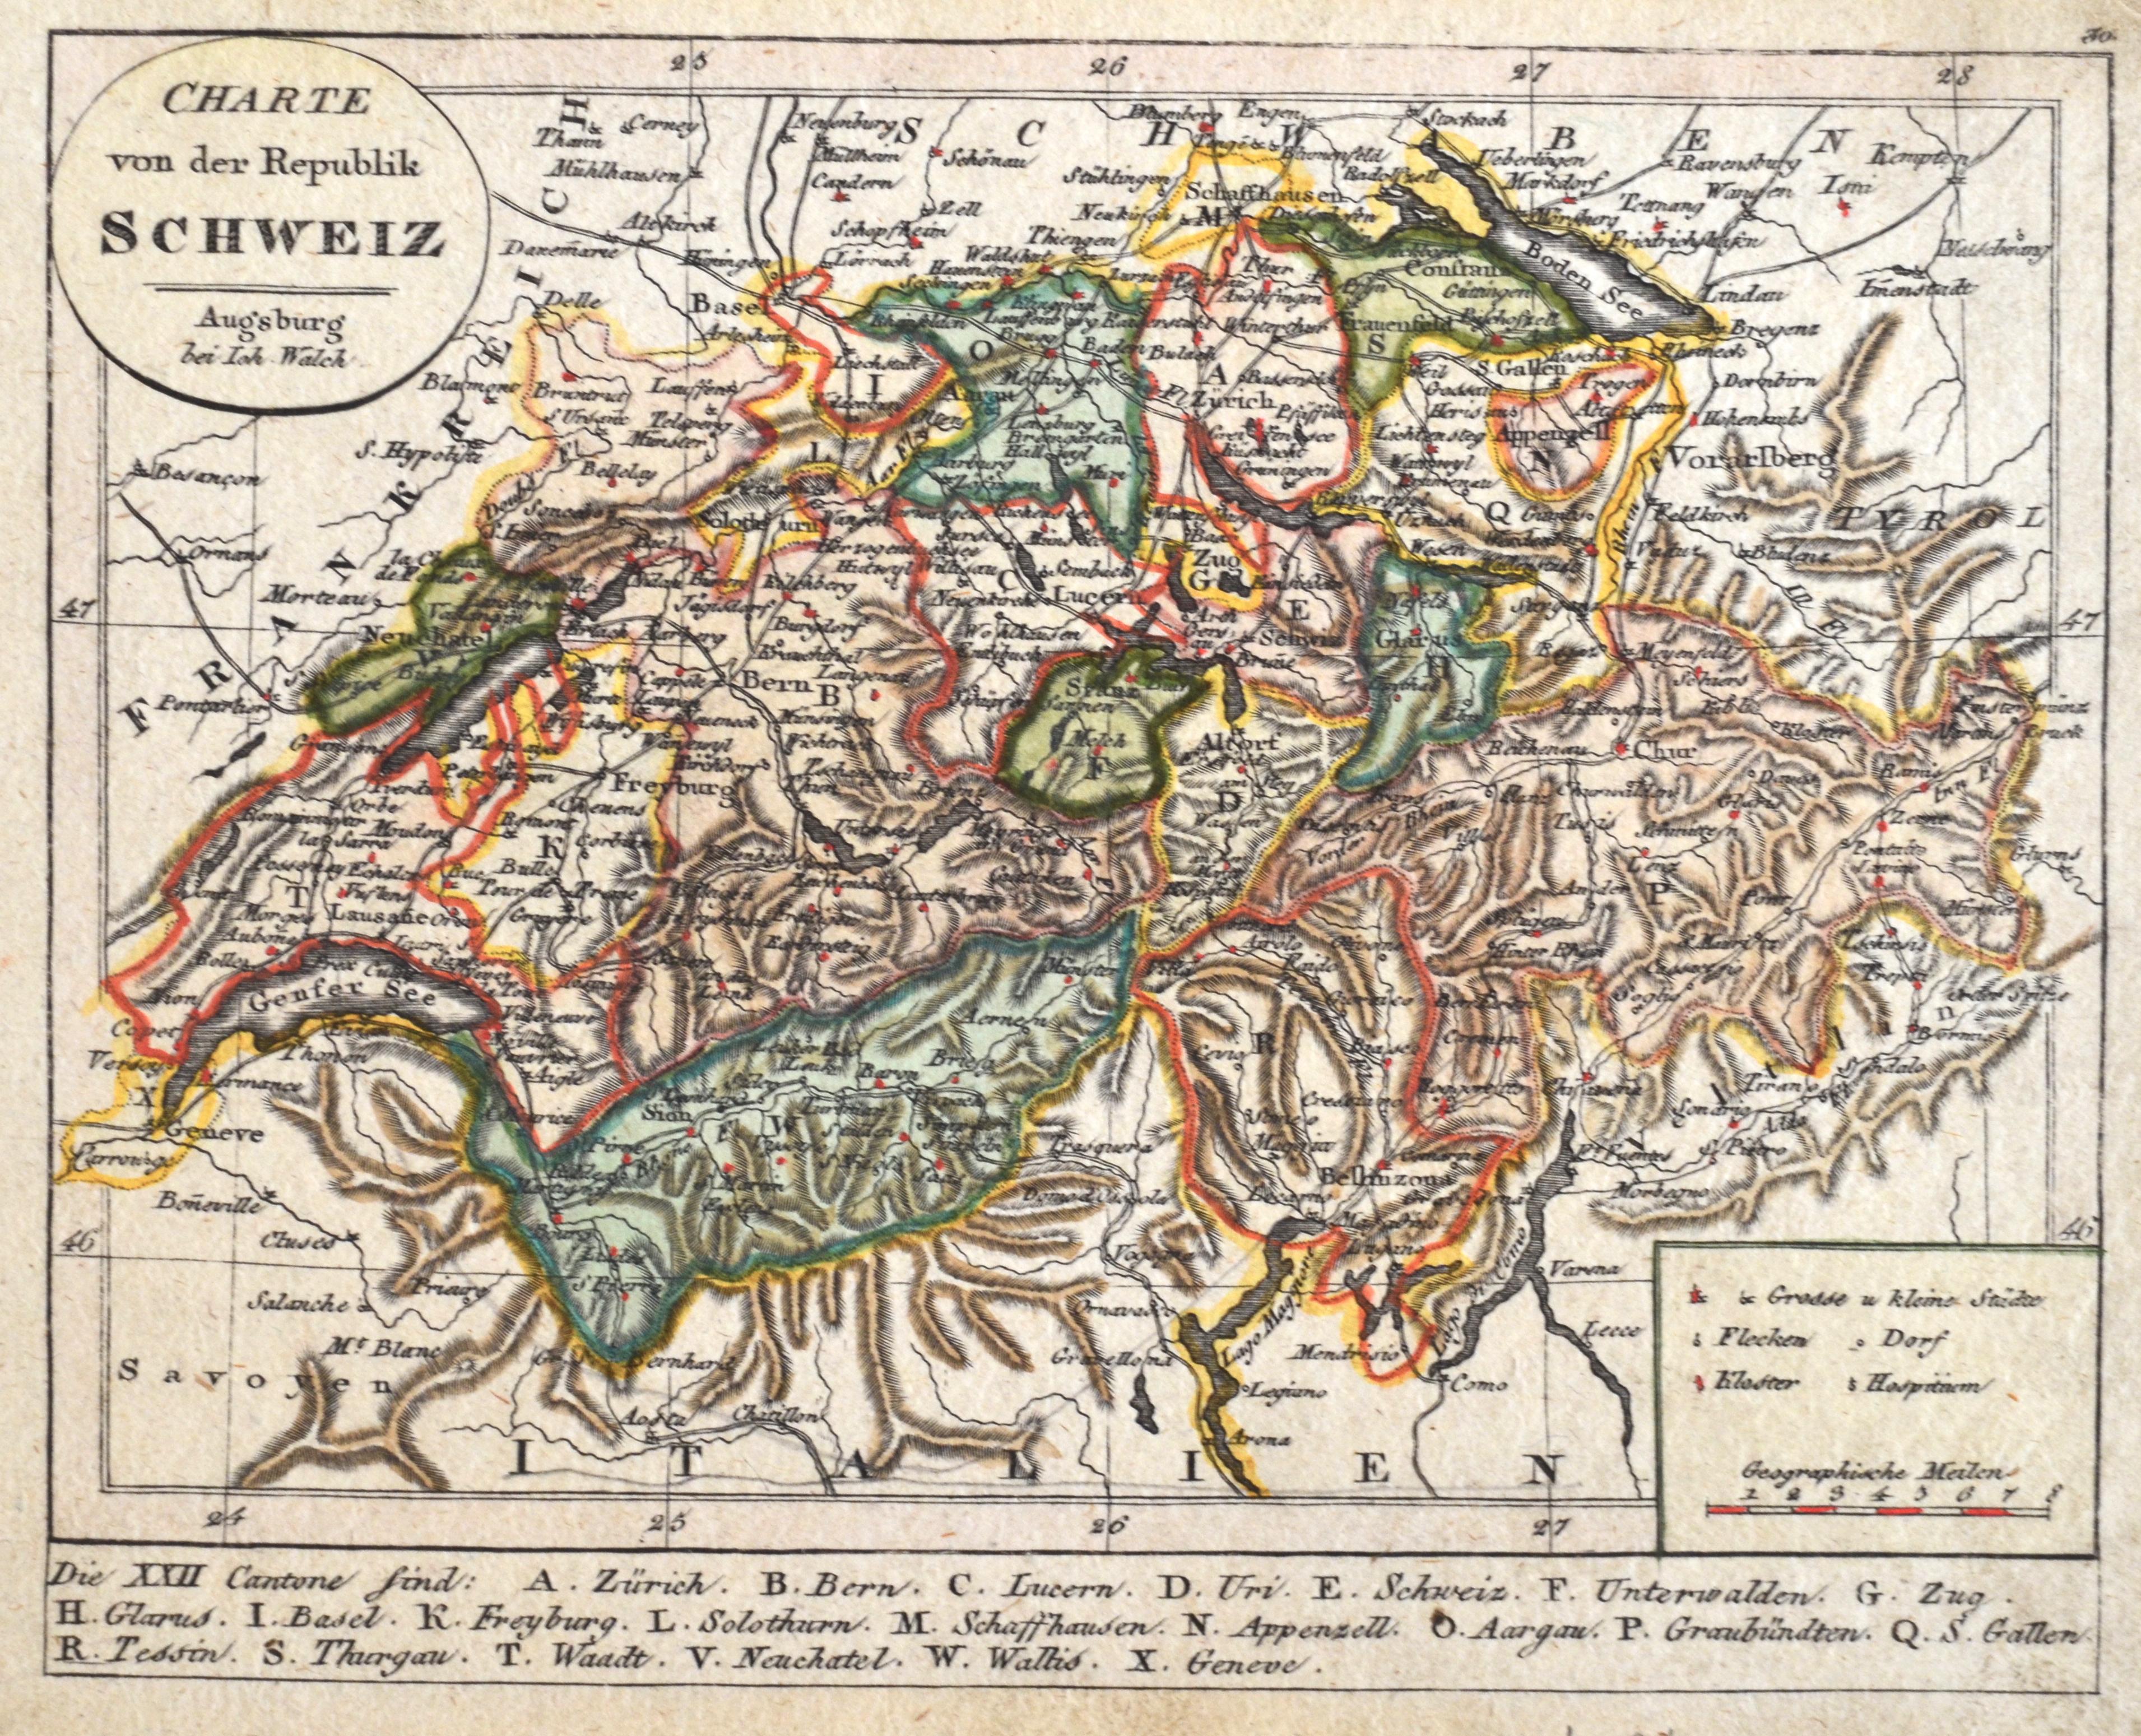 Walch Johann Charte von der Republik Schweiz